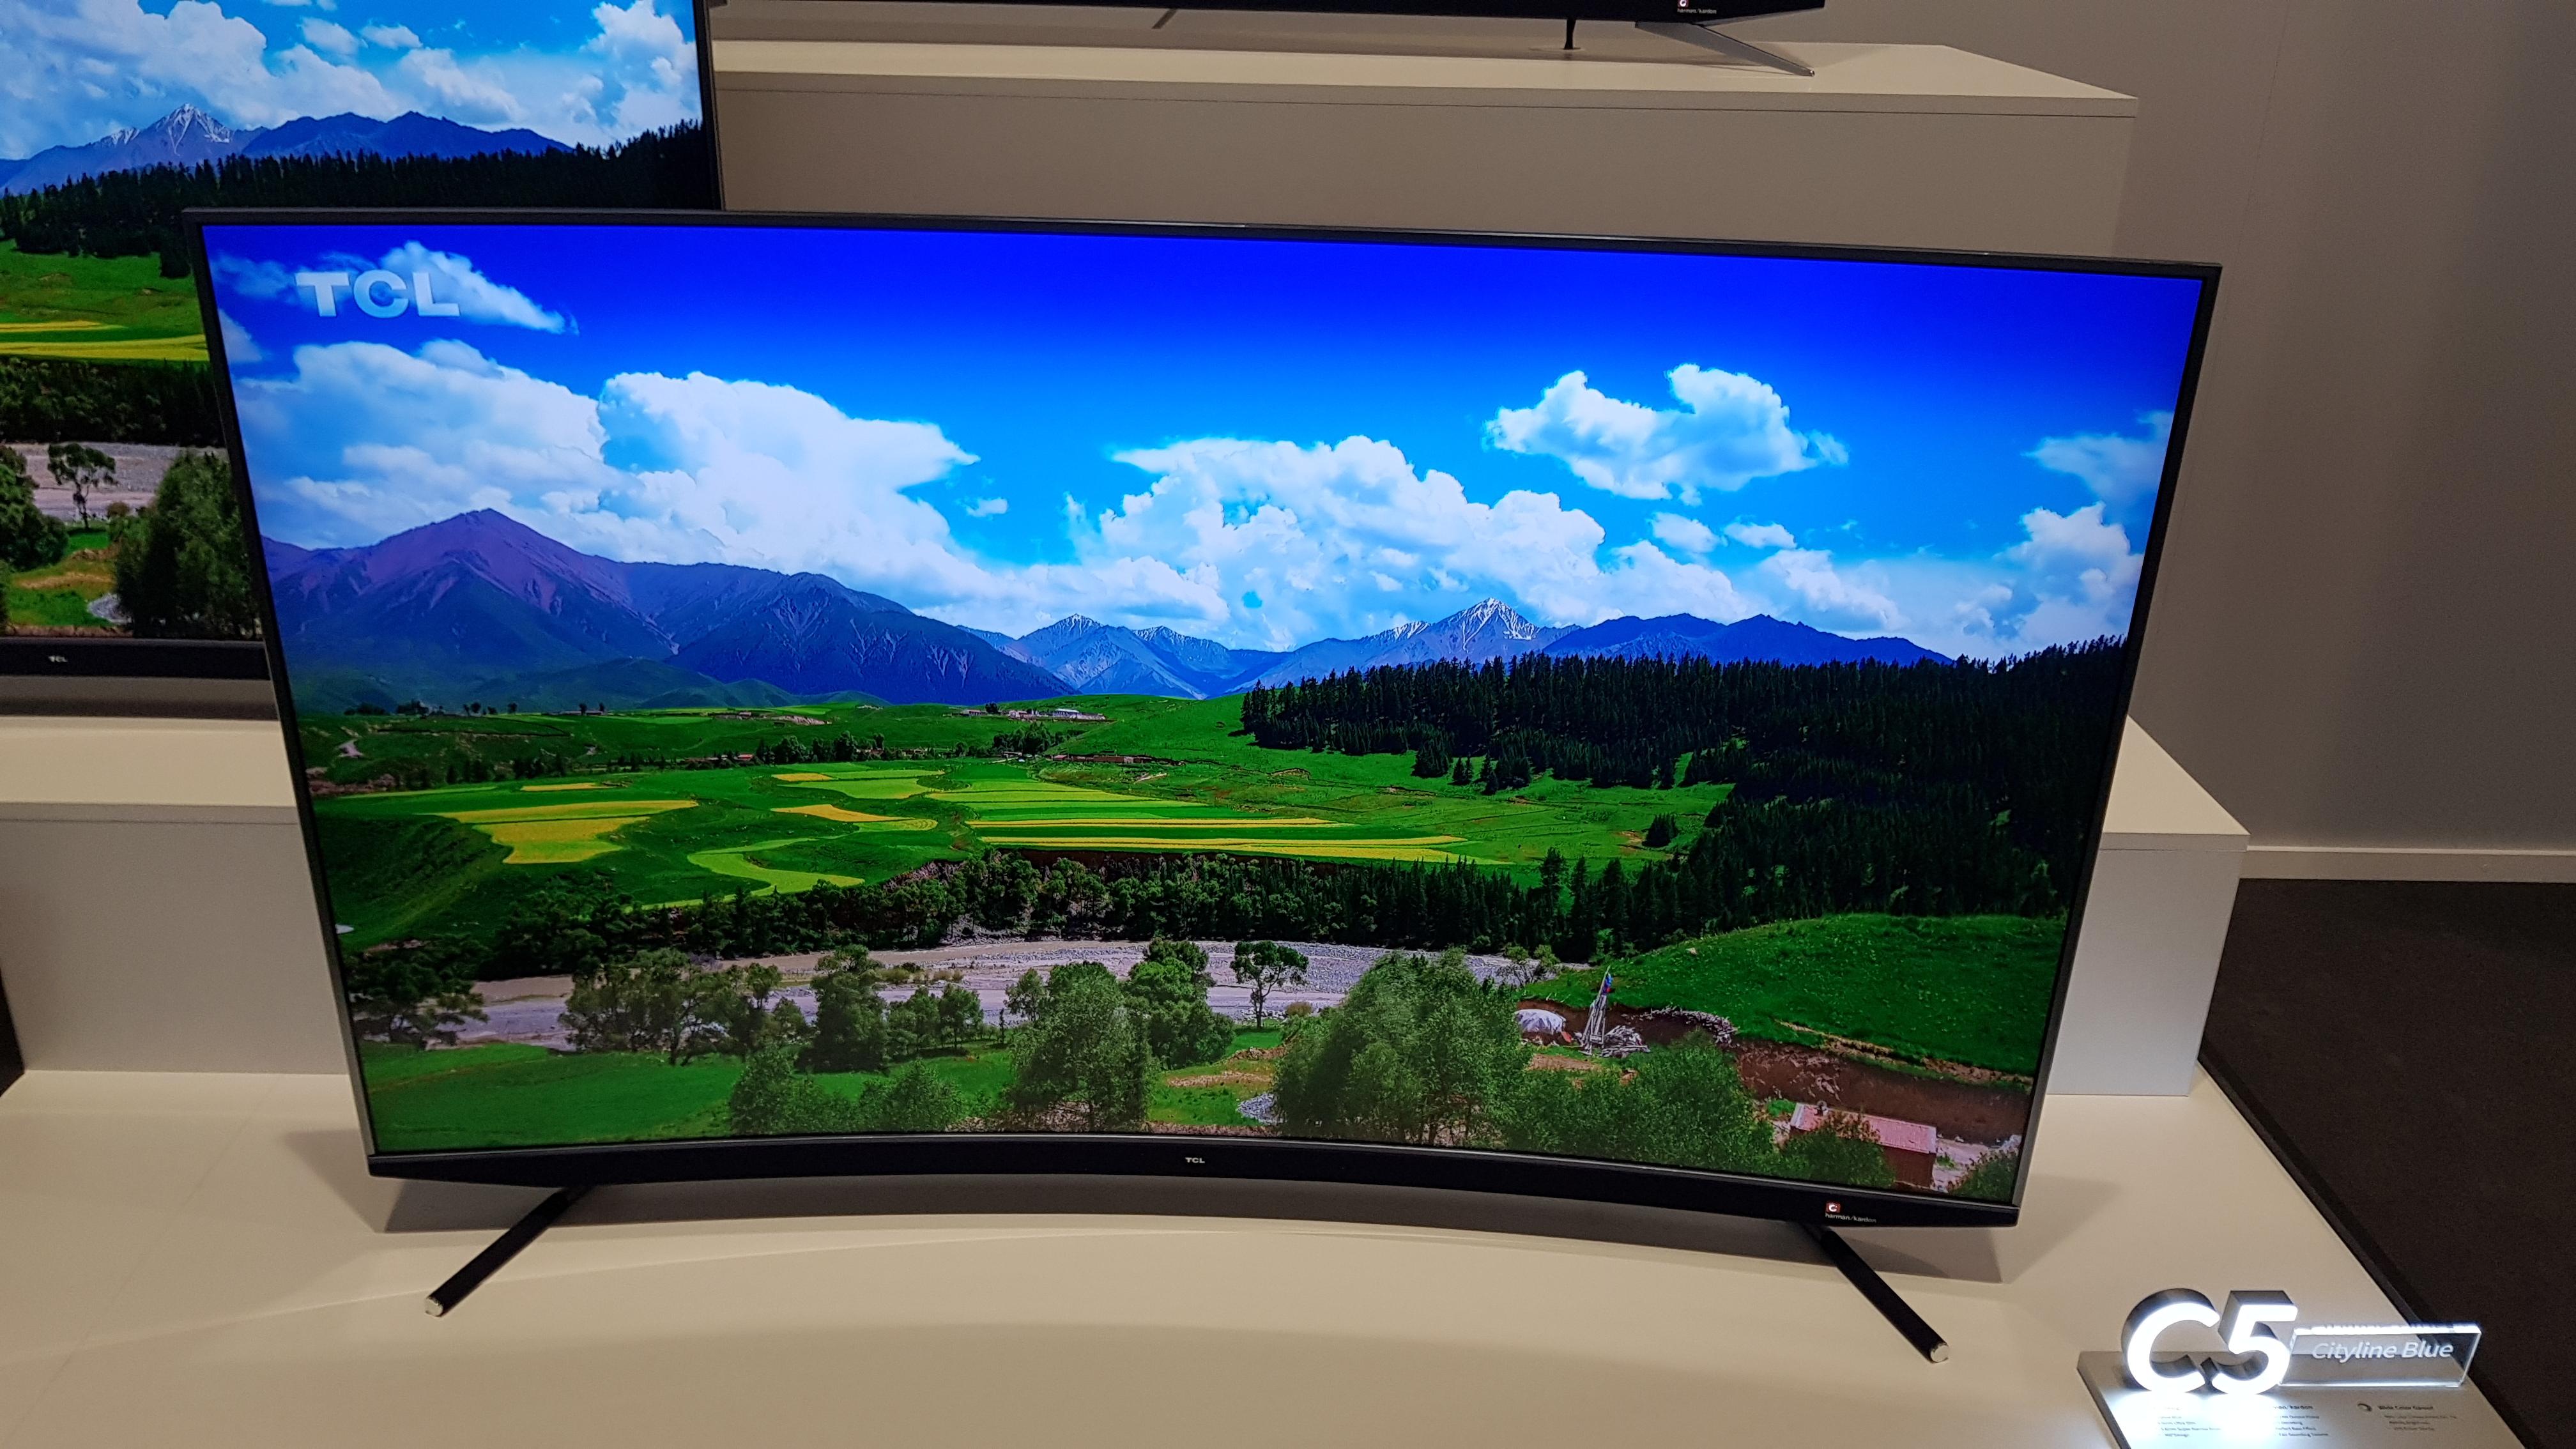 Este es el televisor curvo C5 de TCL